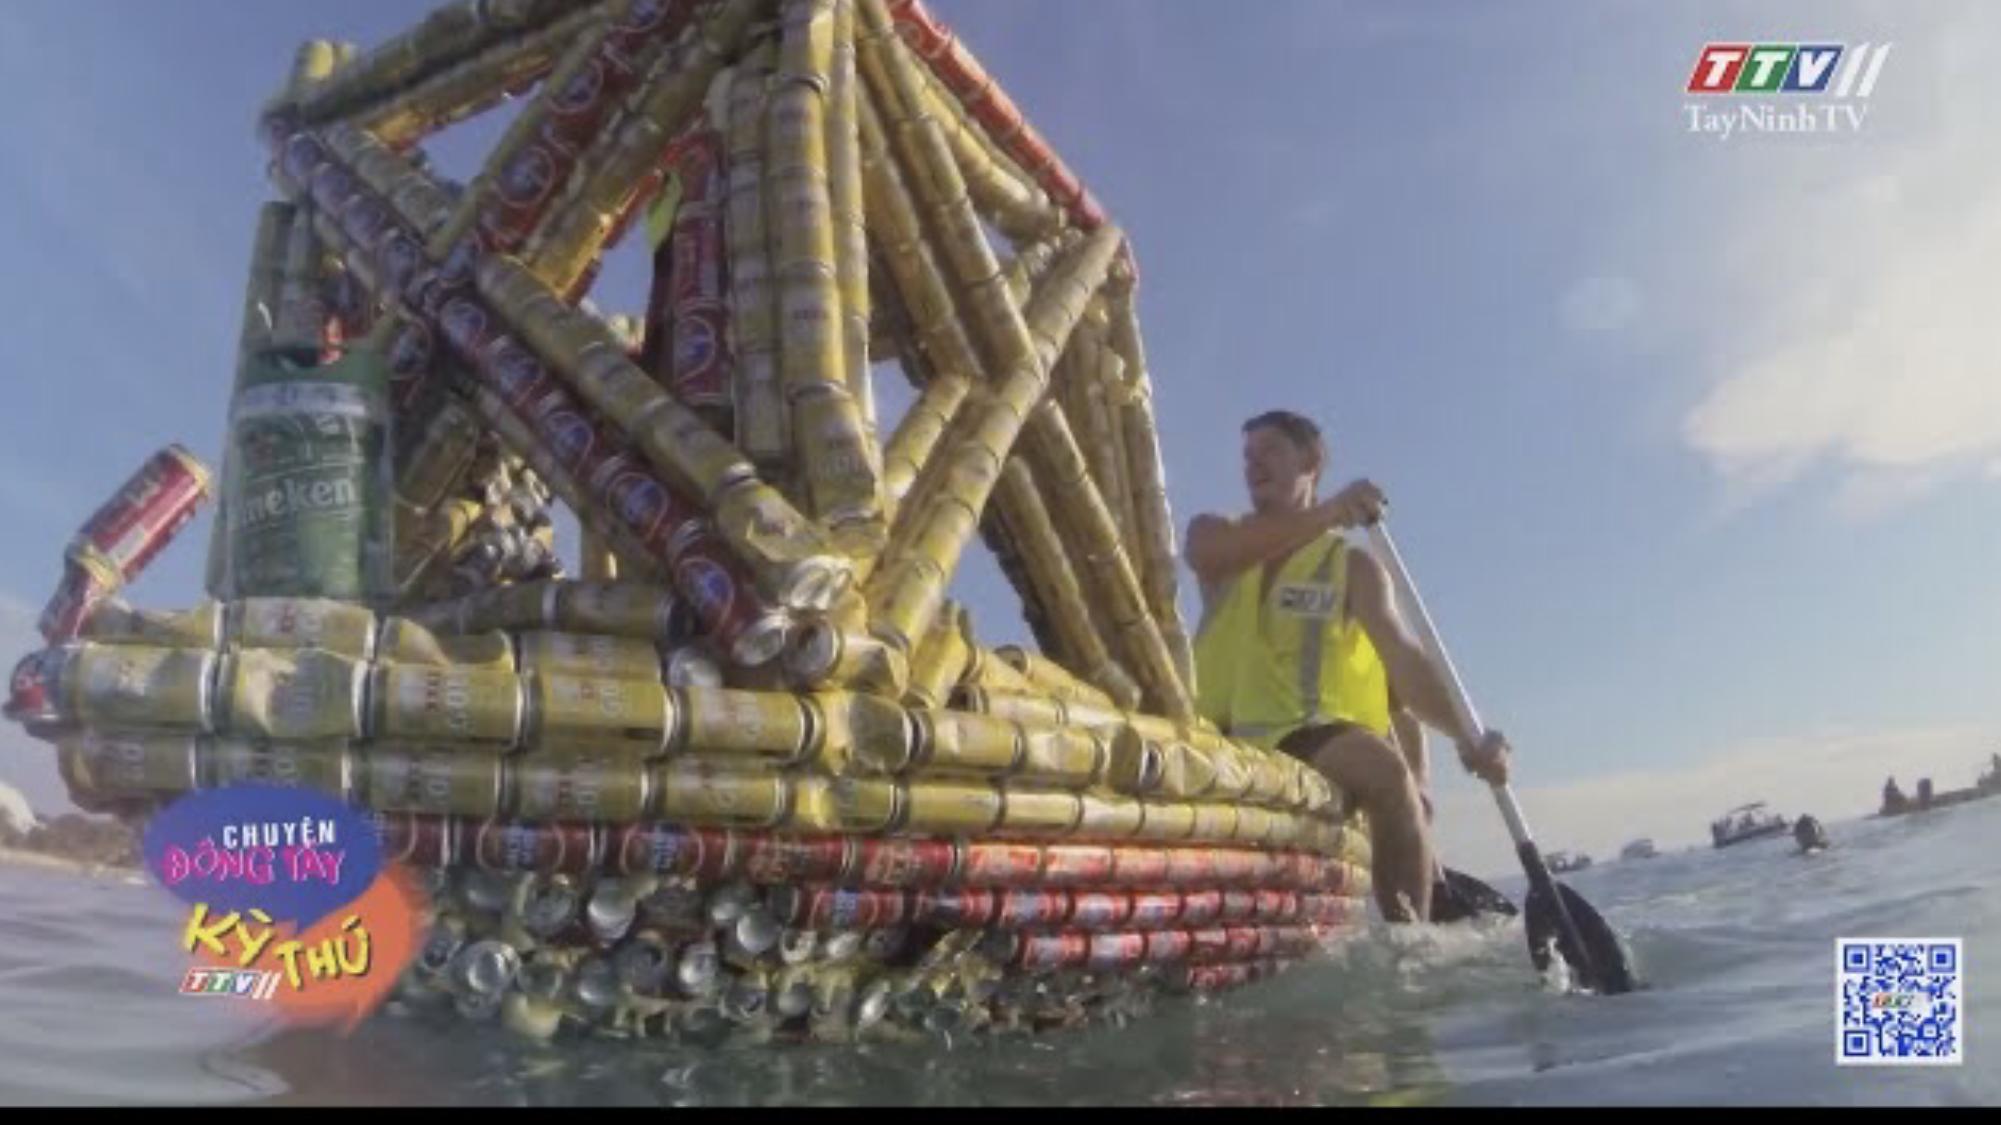 Độc đáo lễ đua thuyền làm từ vỏ lon bia | CHUYỆN ĐÔNG TÂY KỲ THÚ | TayNinhTVE